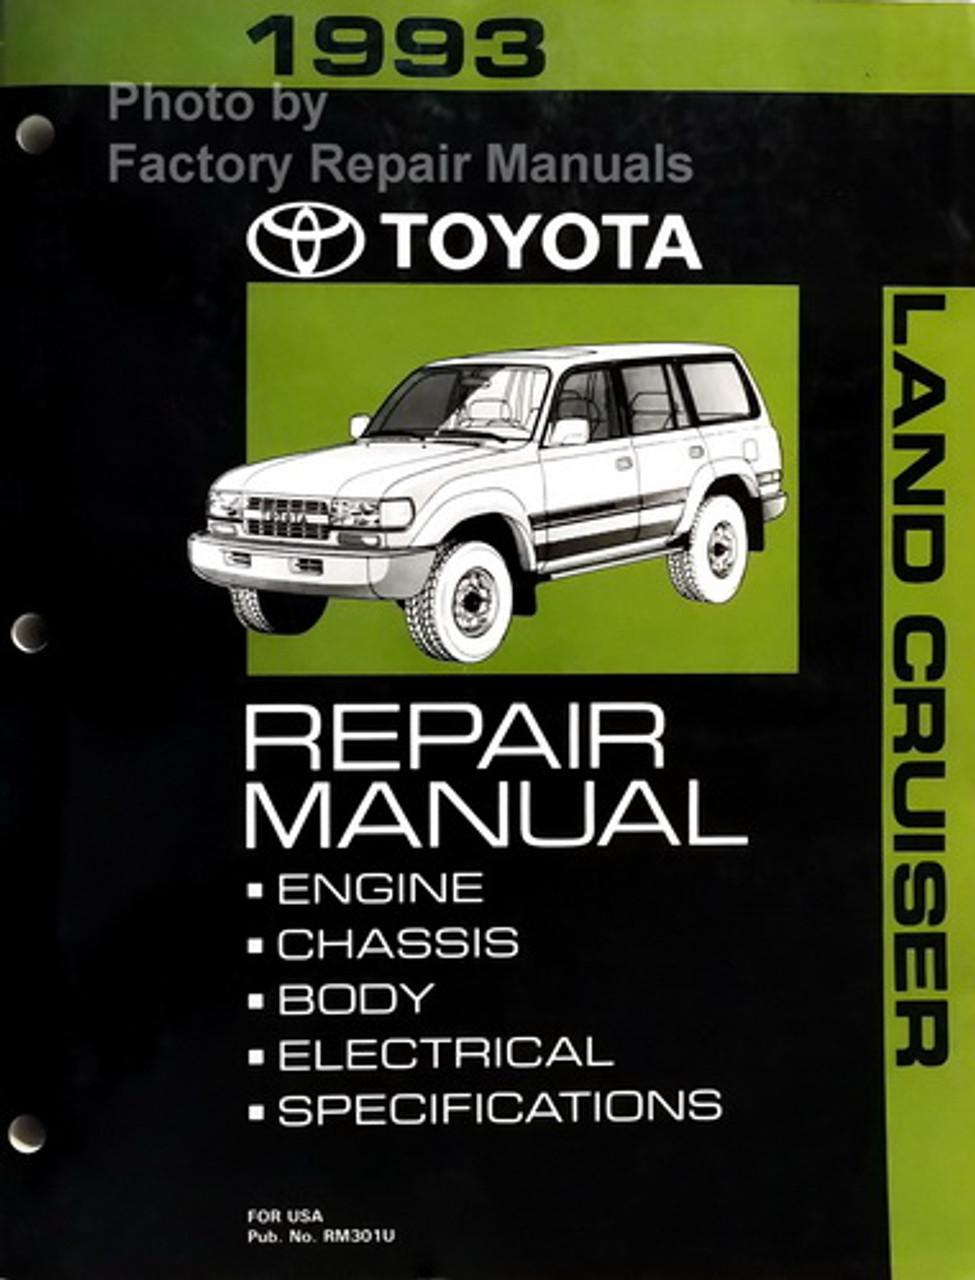 1993 Toyota Land Cruiser Factory Service Manual Original Shop Repair Factory Repair Manuals